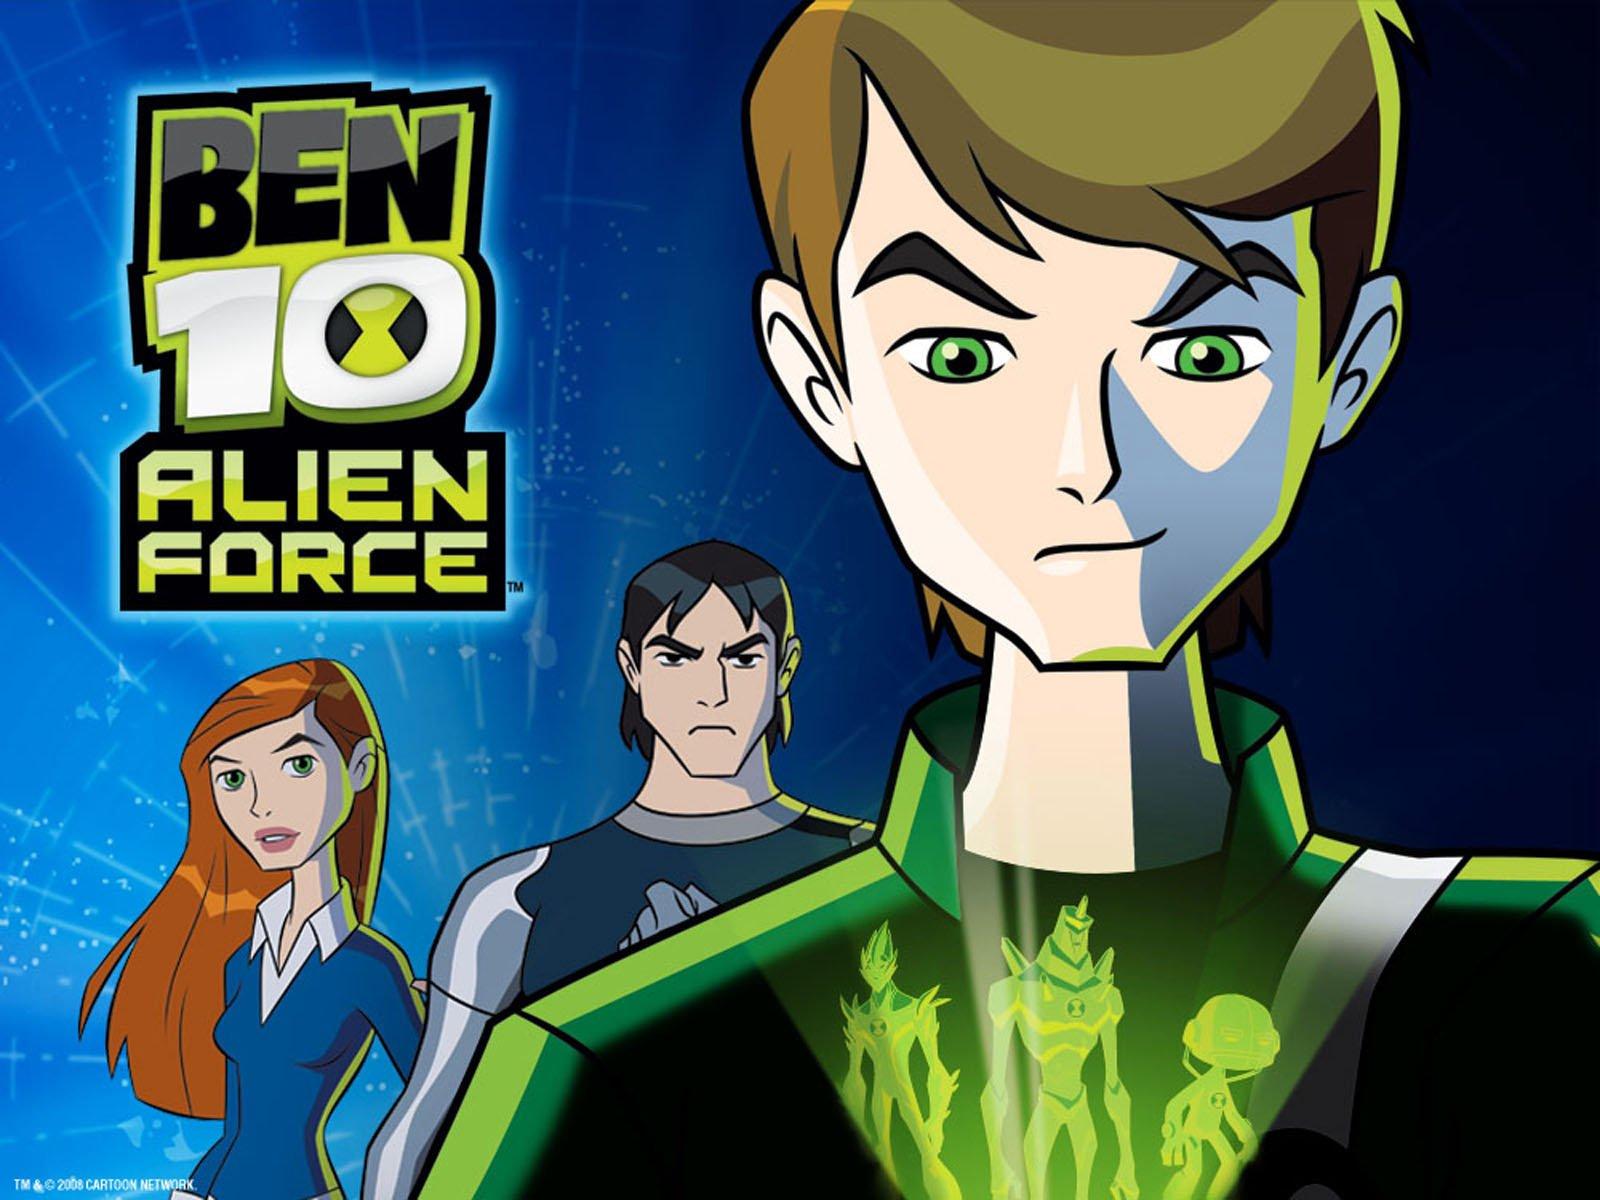 Alien Force Ben 10 Alien Force 1563776 Hd Wallpaper